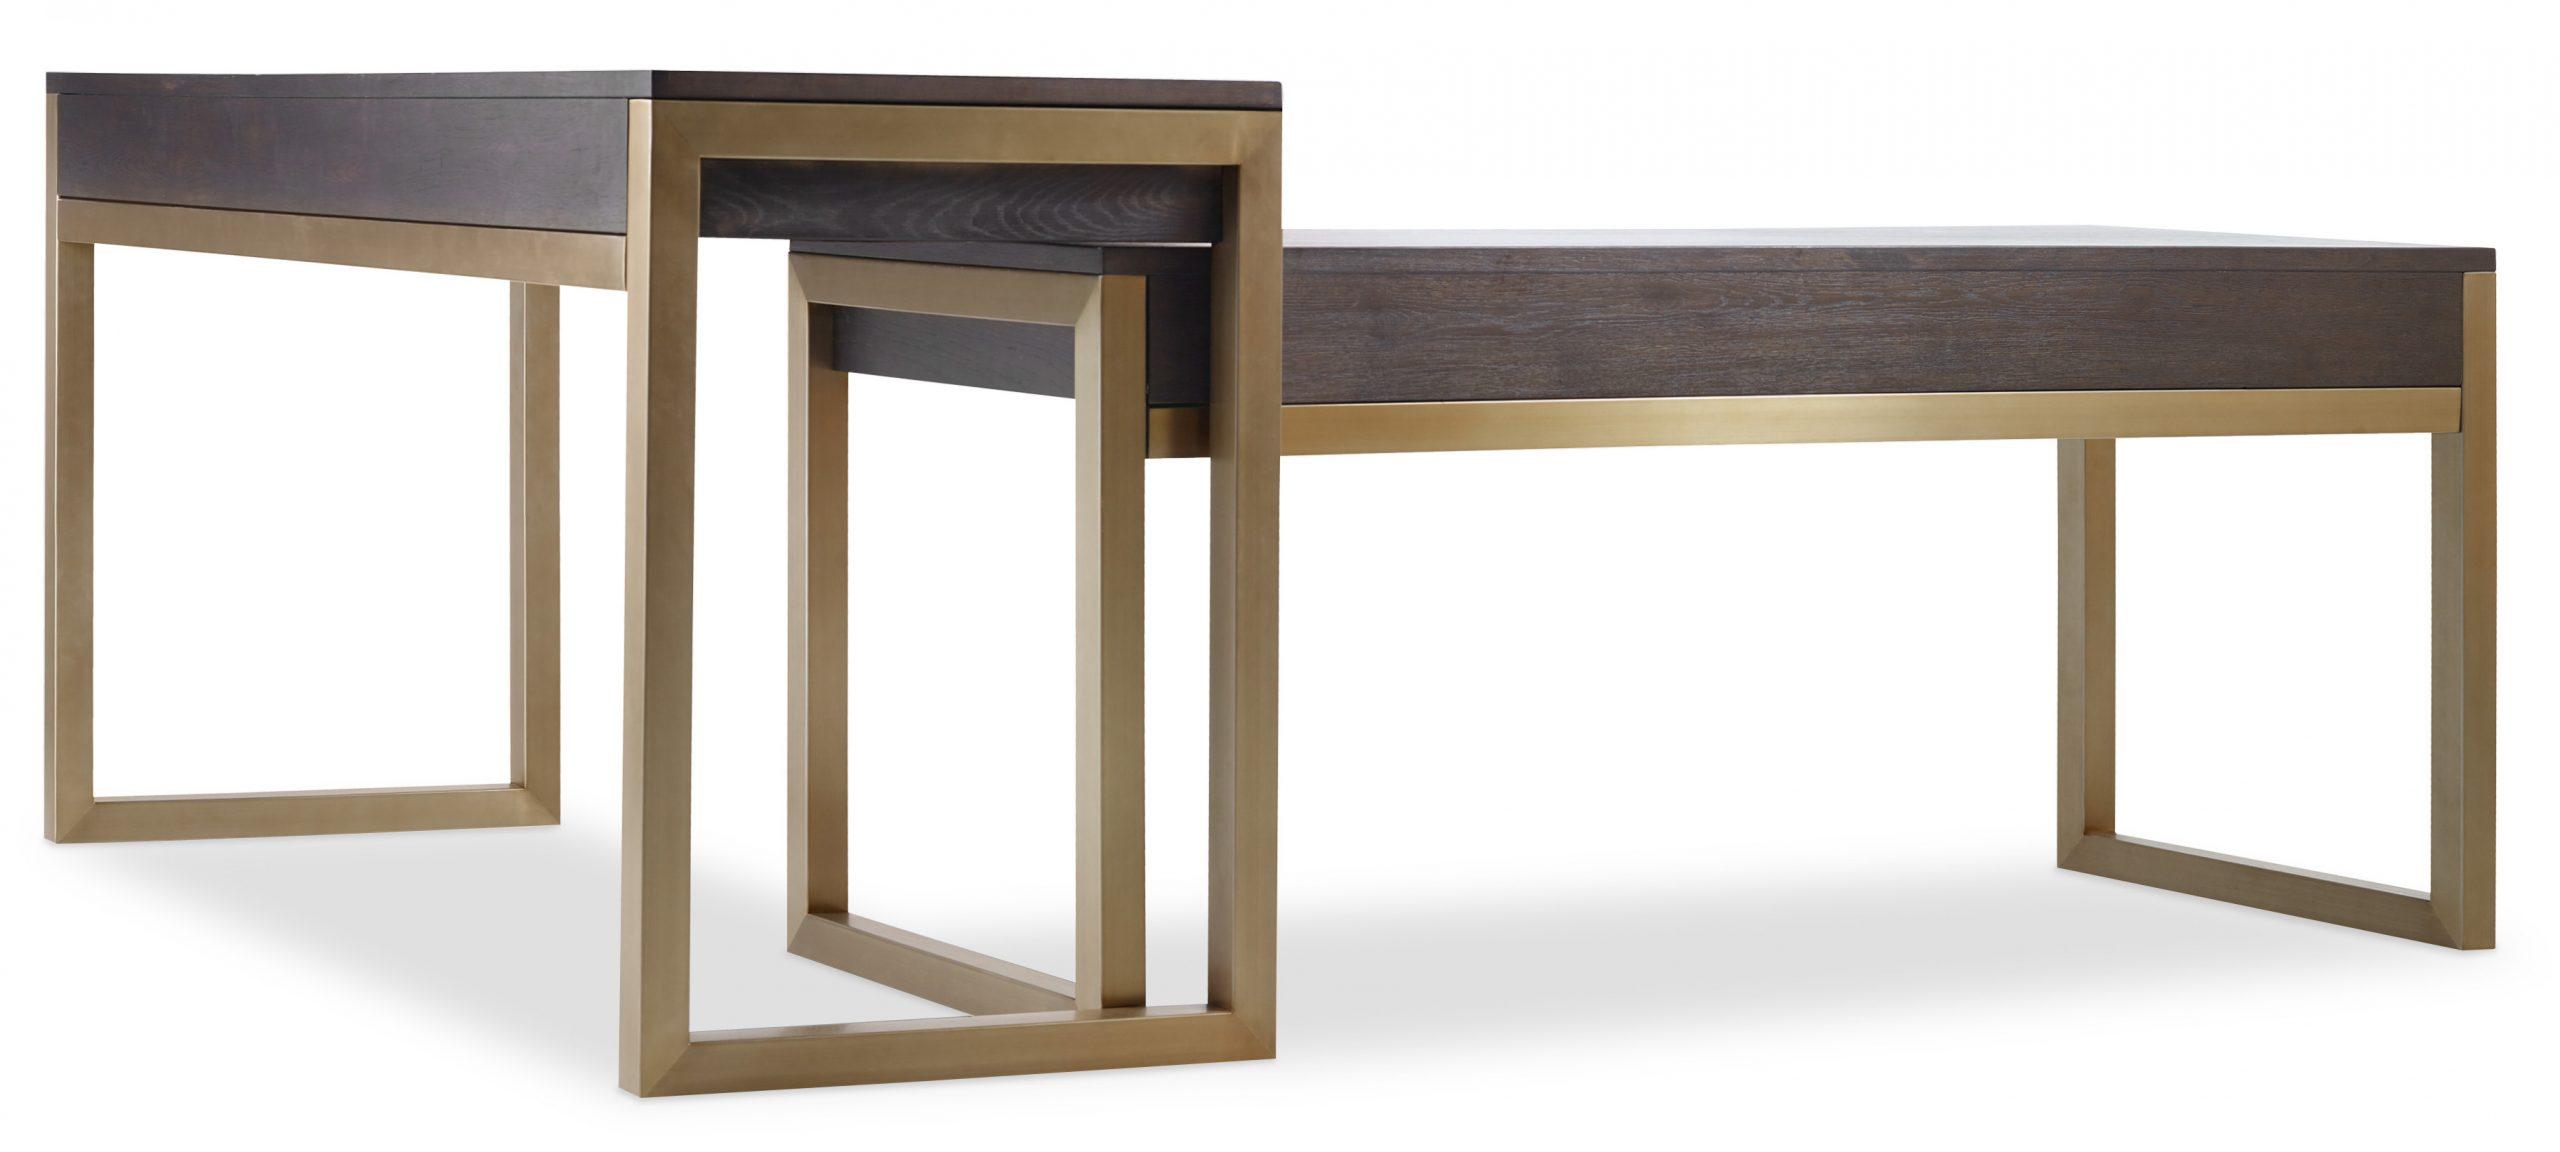 Curata 2 Pc Desk Group